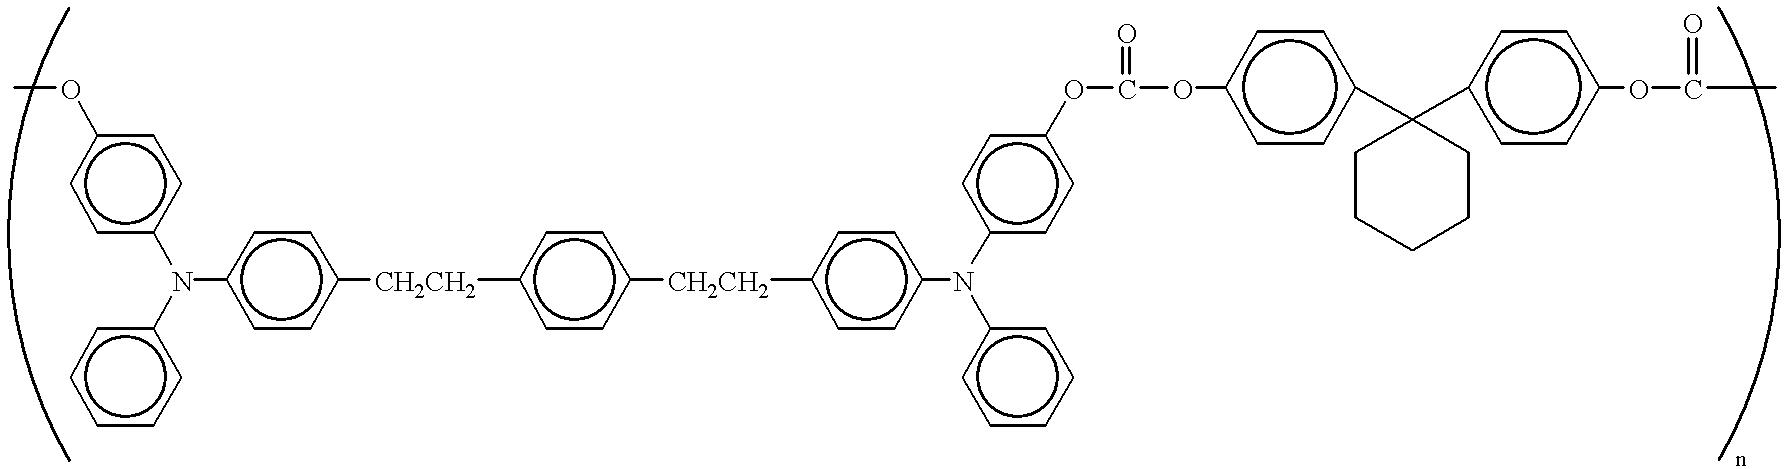 Figure US06558863-20030506-C00055